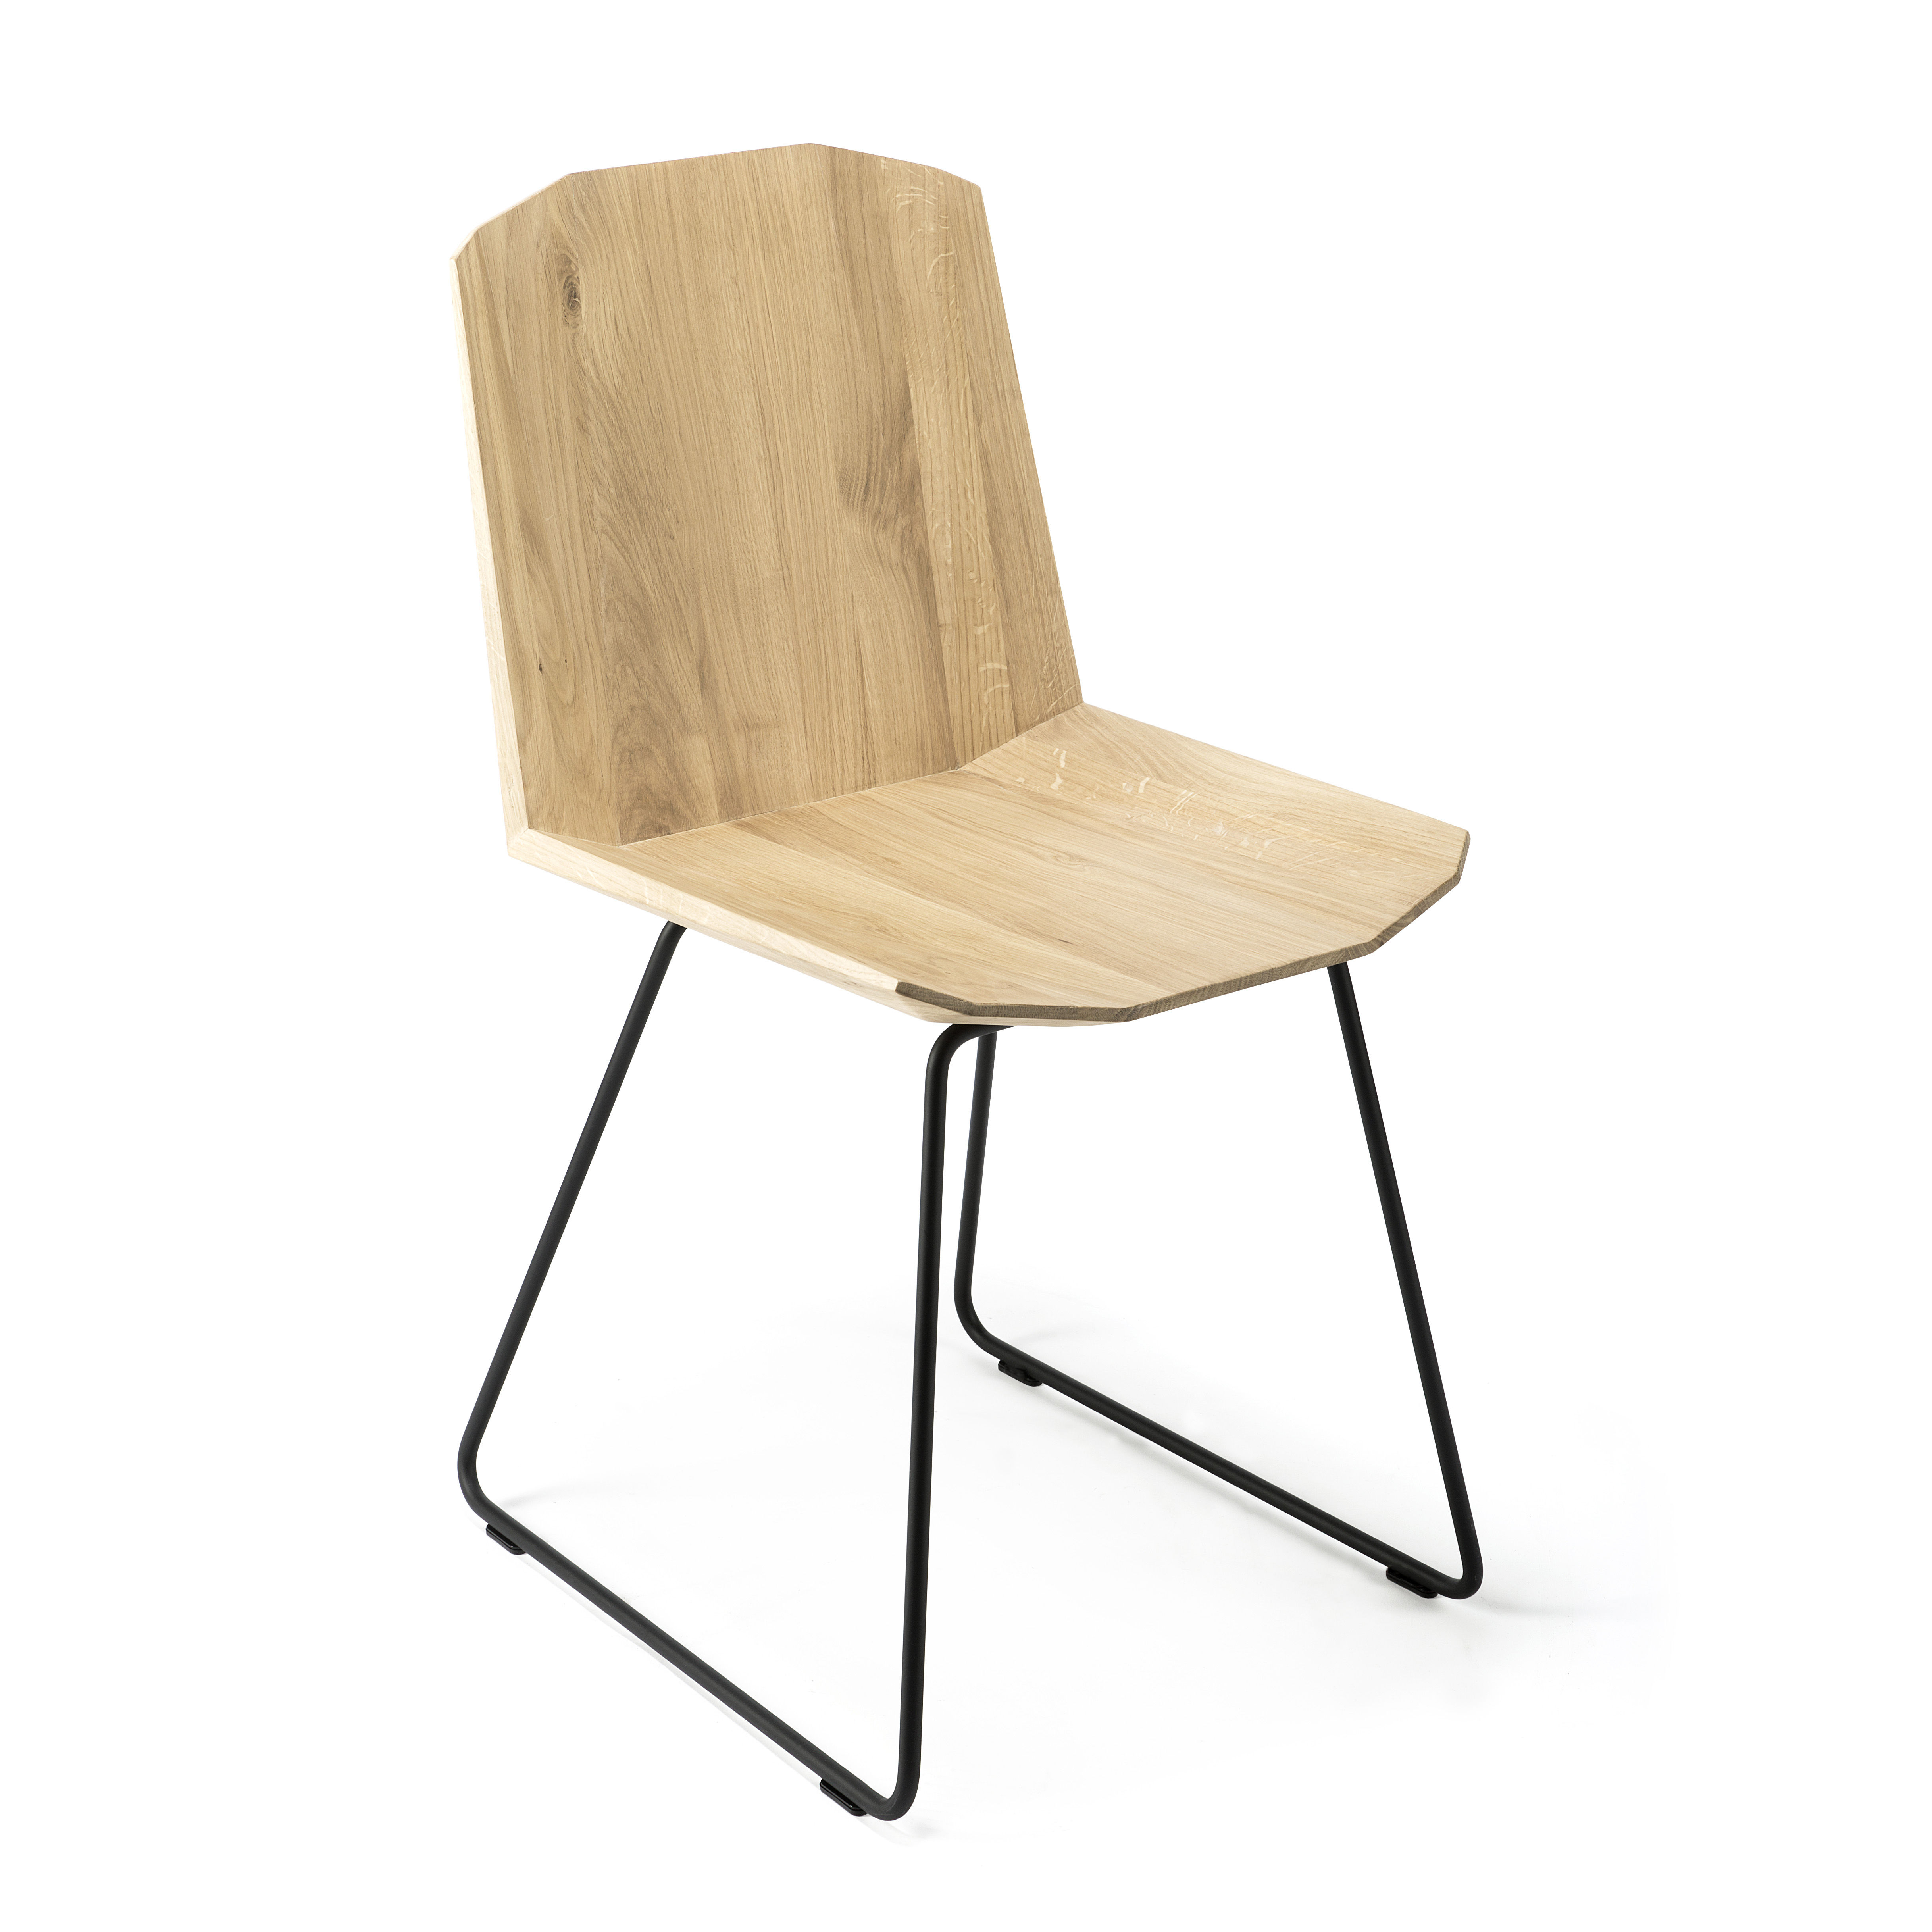 Chaise Facette / Chêne massif - Ethnicraft bois naturel en métal/bois